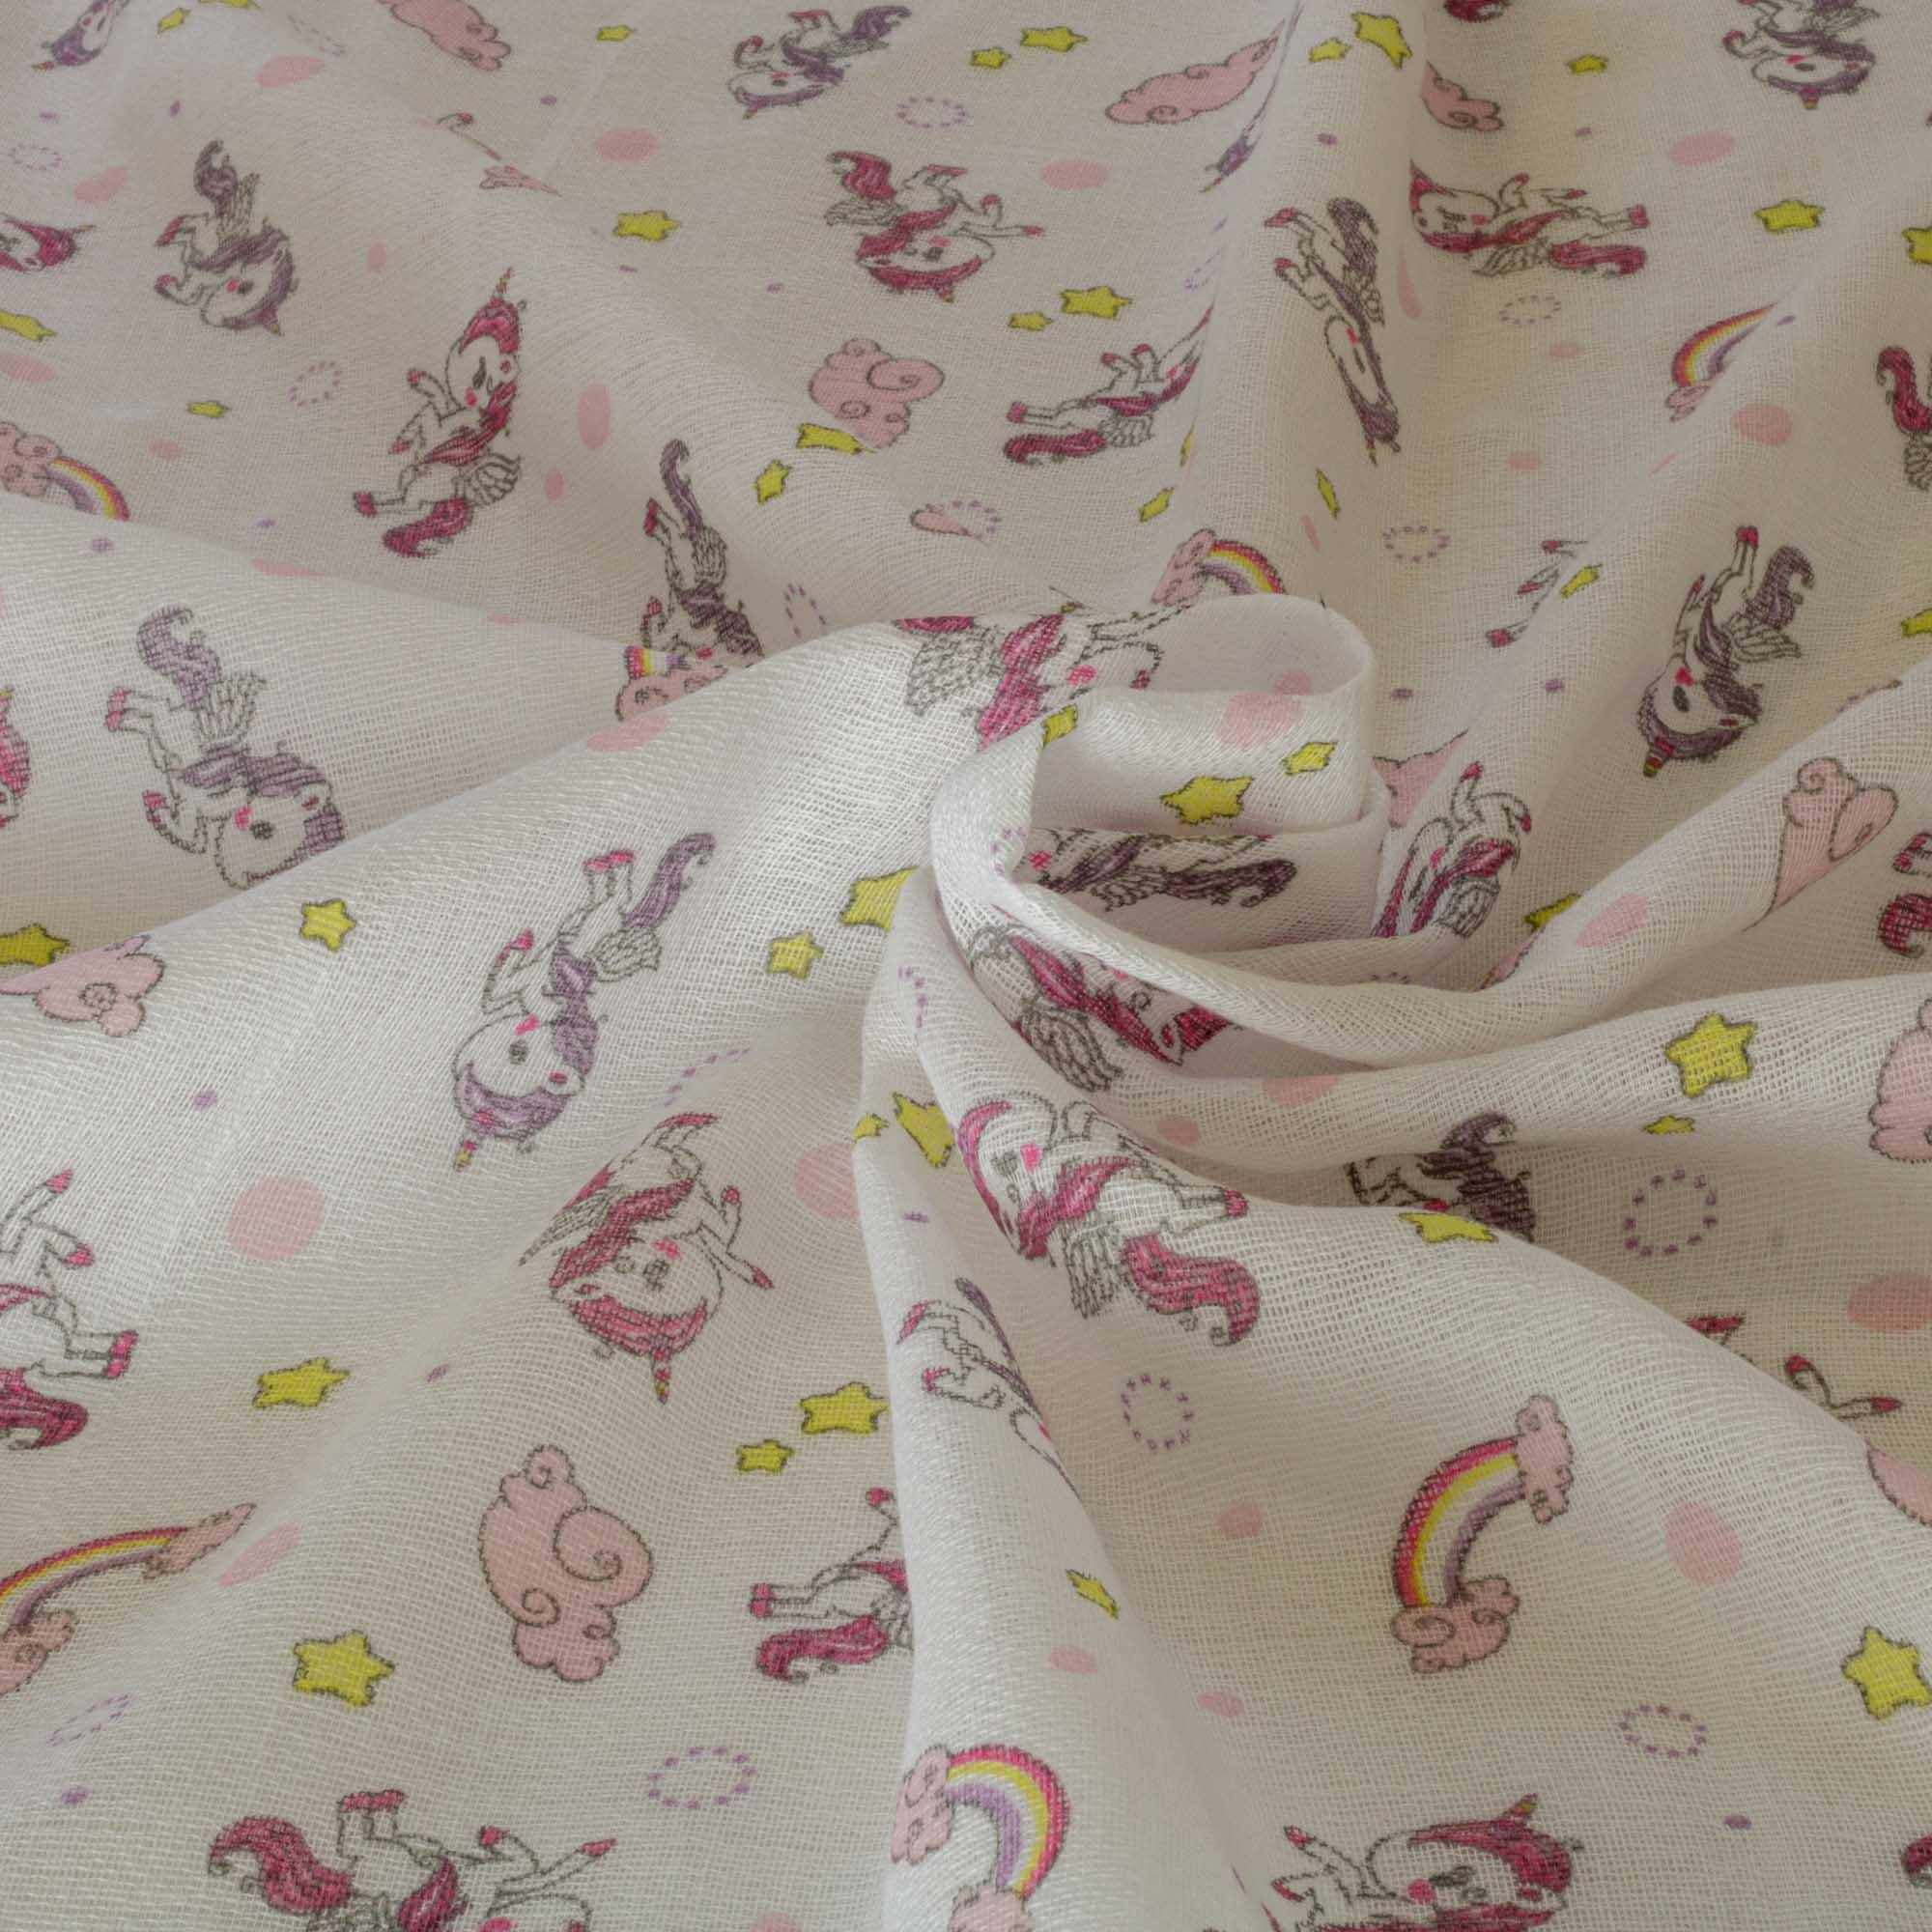 Tecido fralda dupla dohler estampada 70cm x 70cm 100% algodão rosa